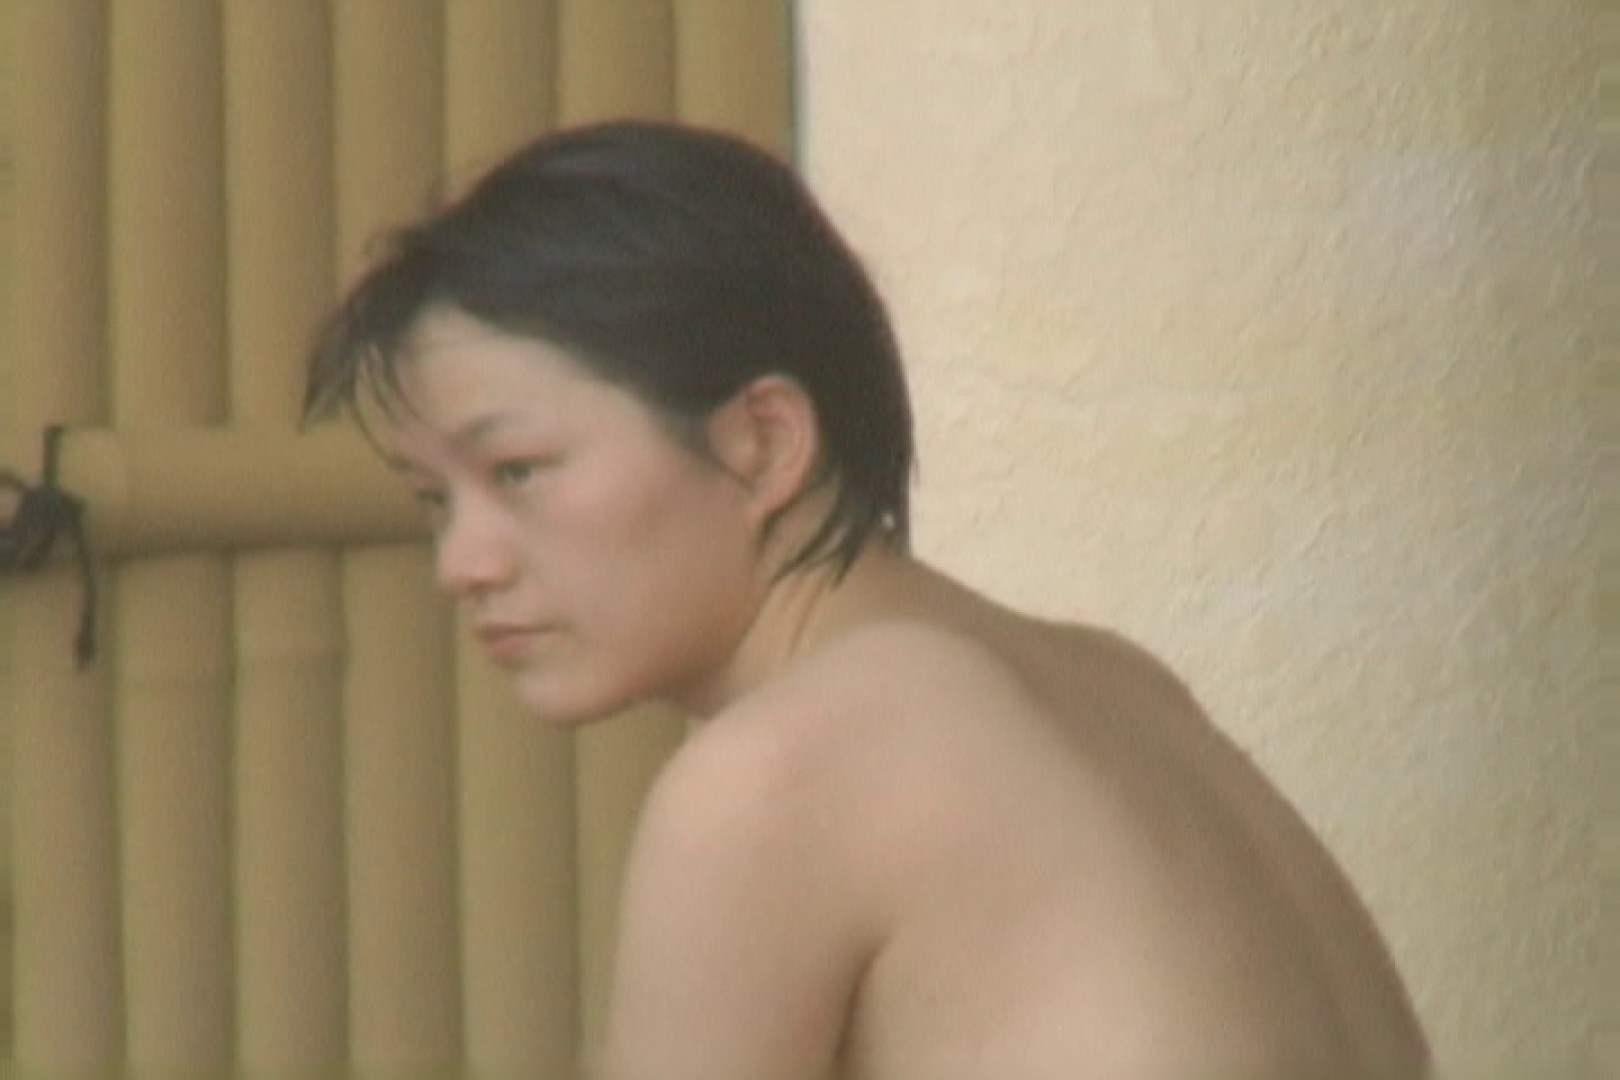 Aquaな露天風呂Vol.116 露天風呂 | 盗撮動画  9枚 5